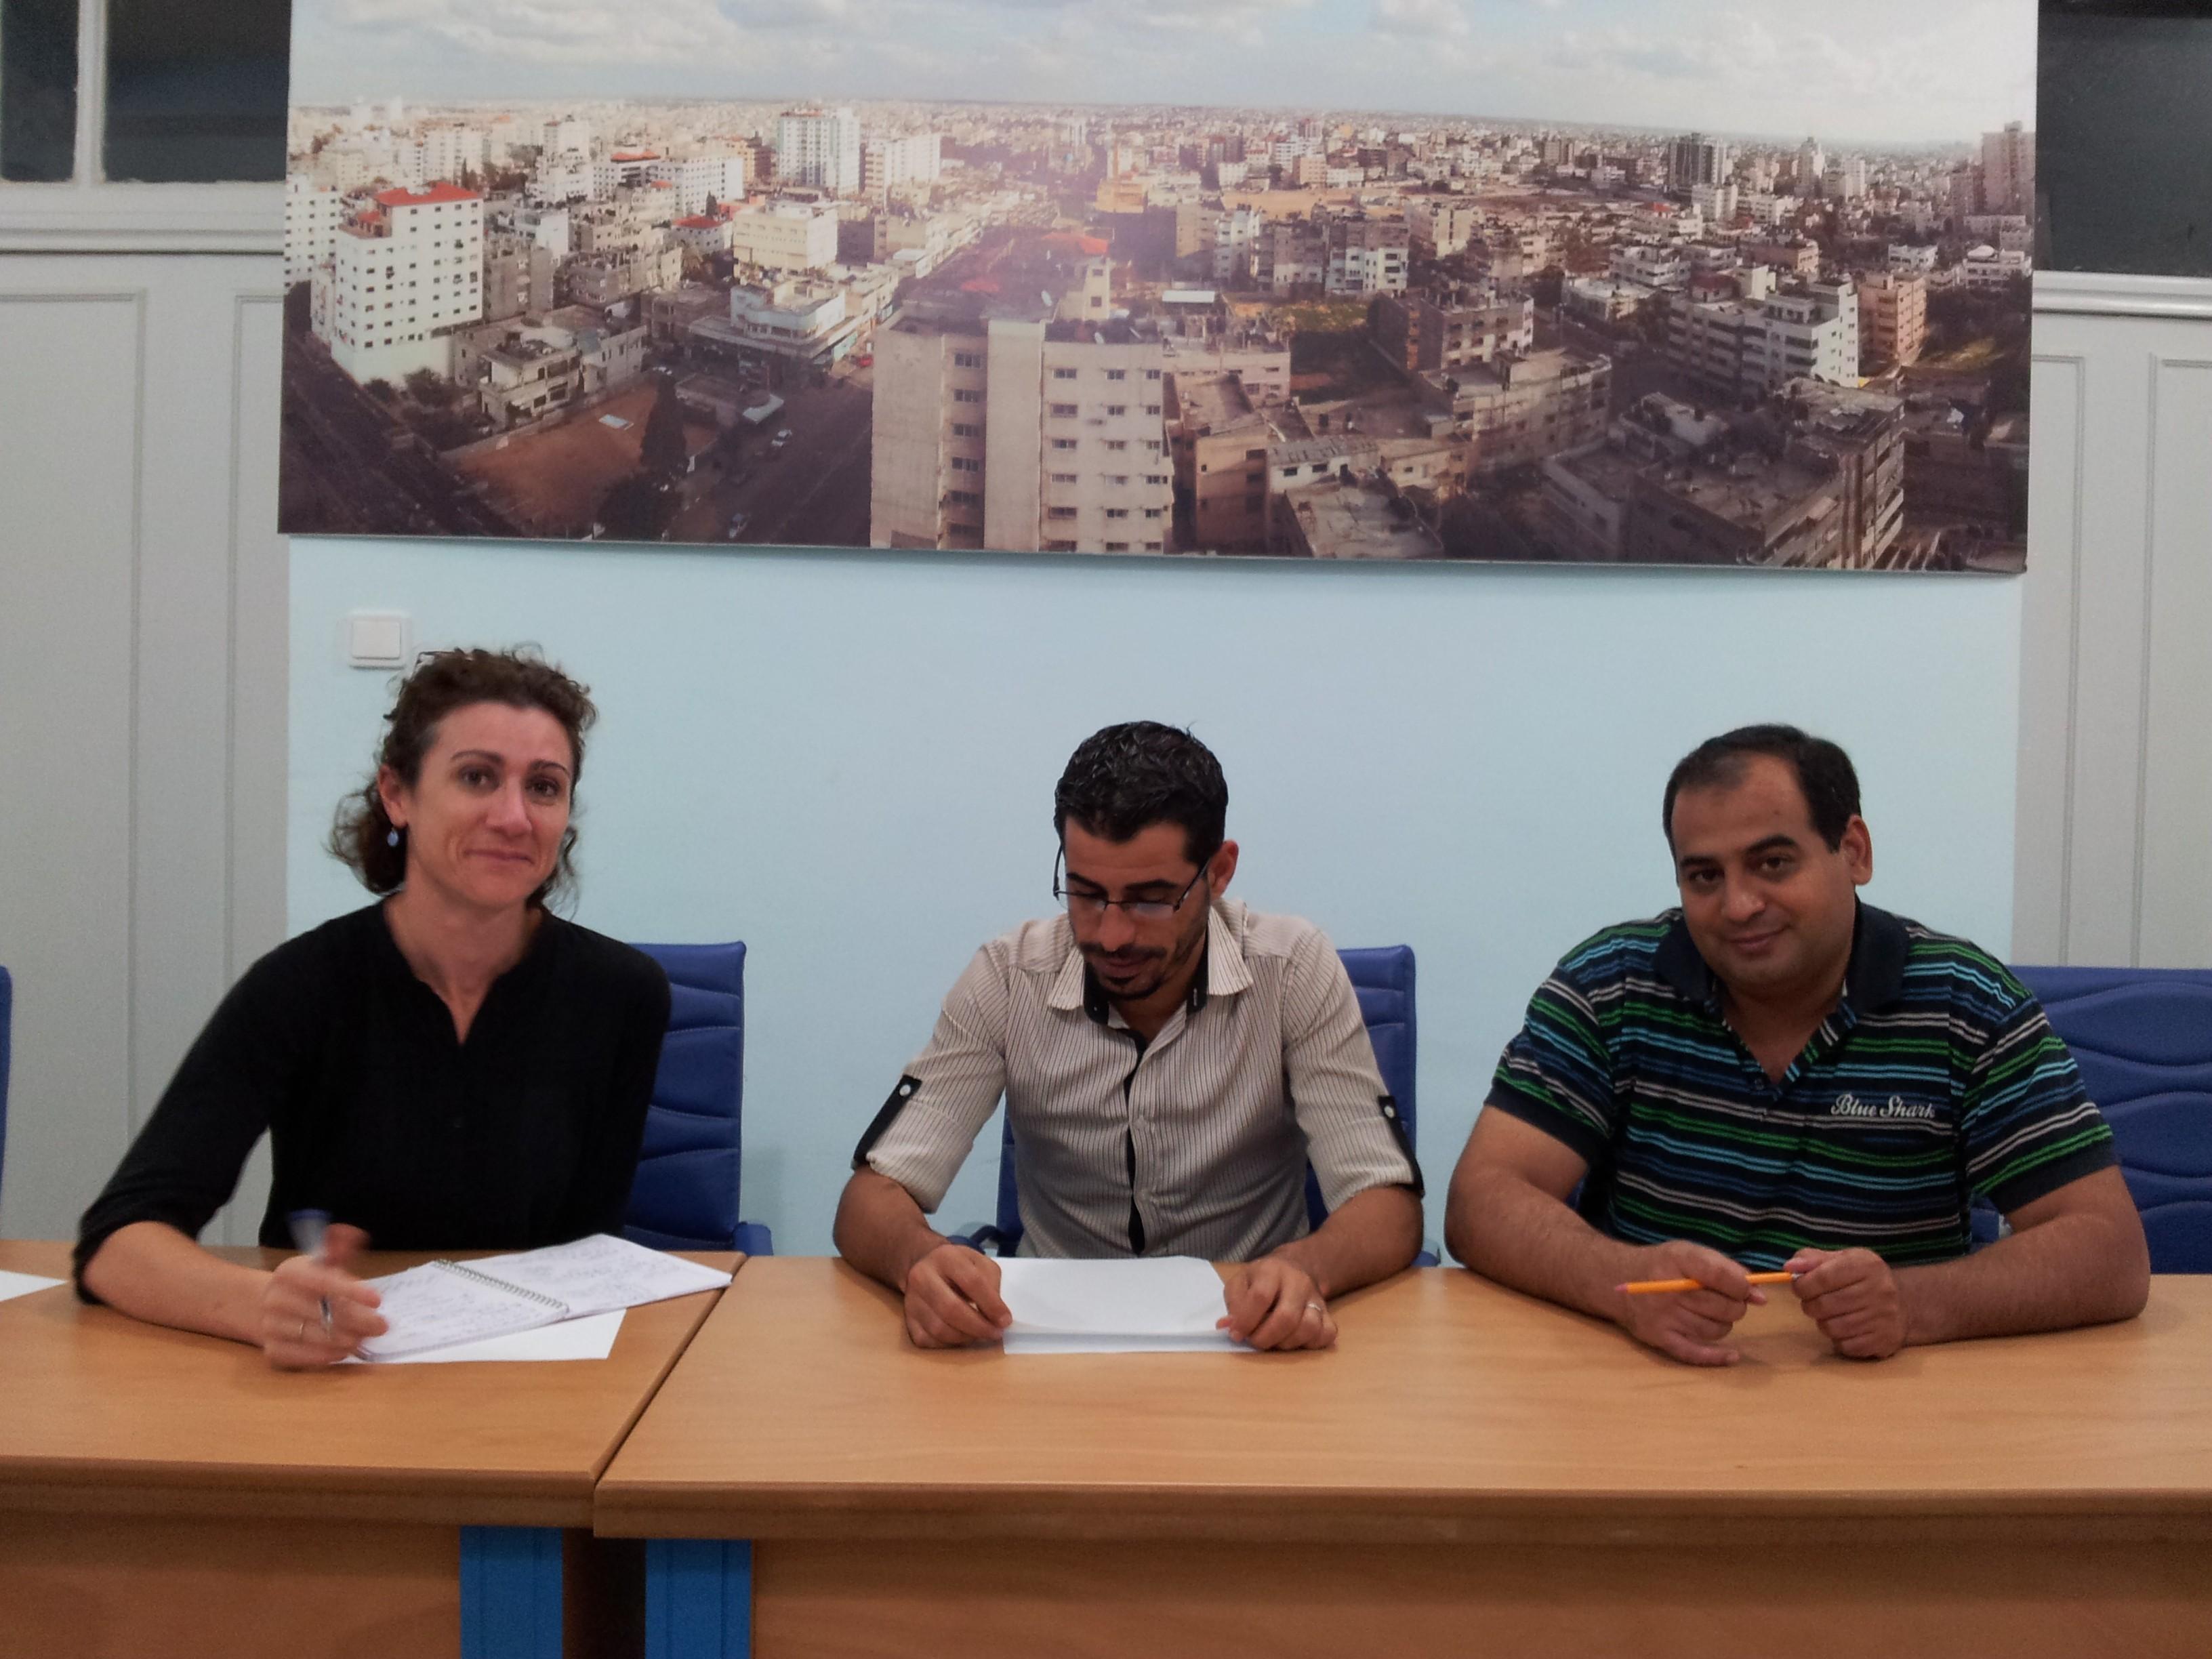 بيت الصحافة يستضيف لقاء للأدباء الفلسطينيين